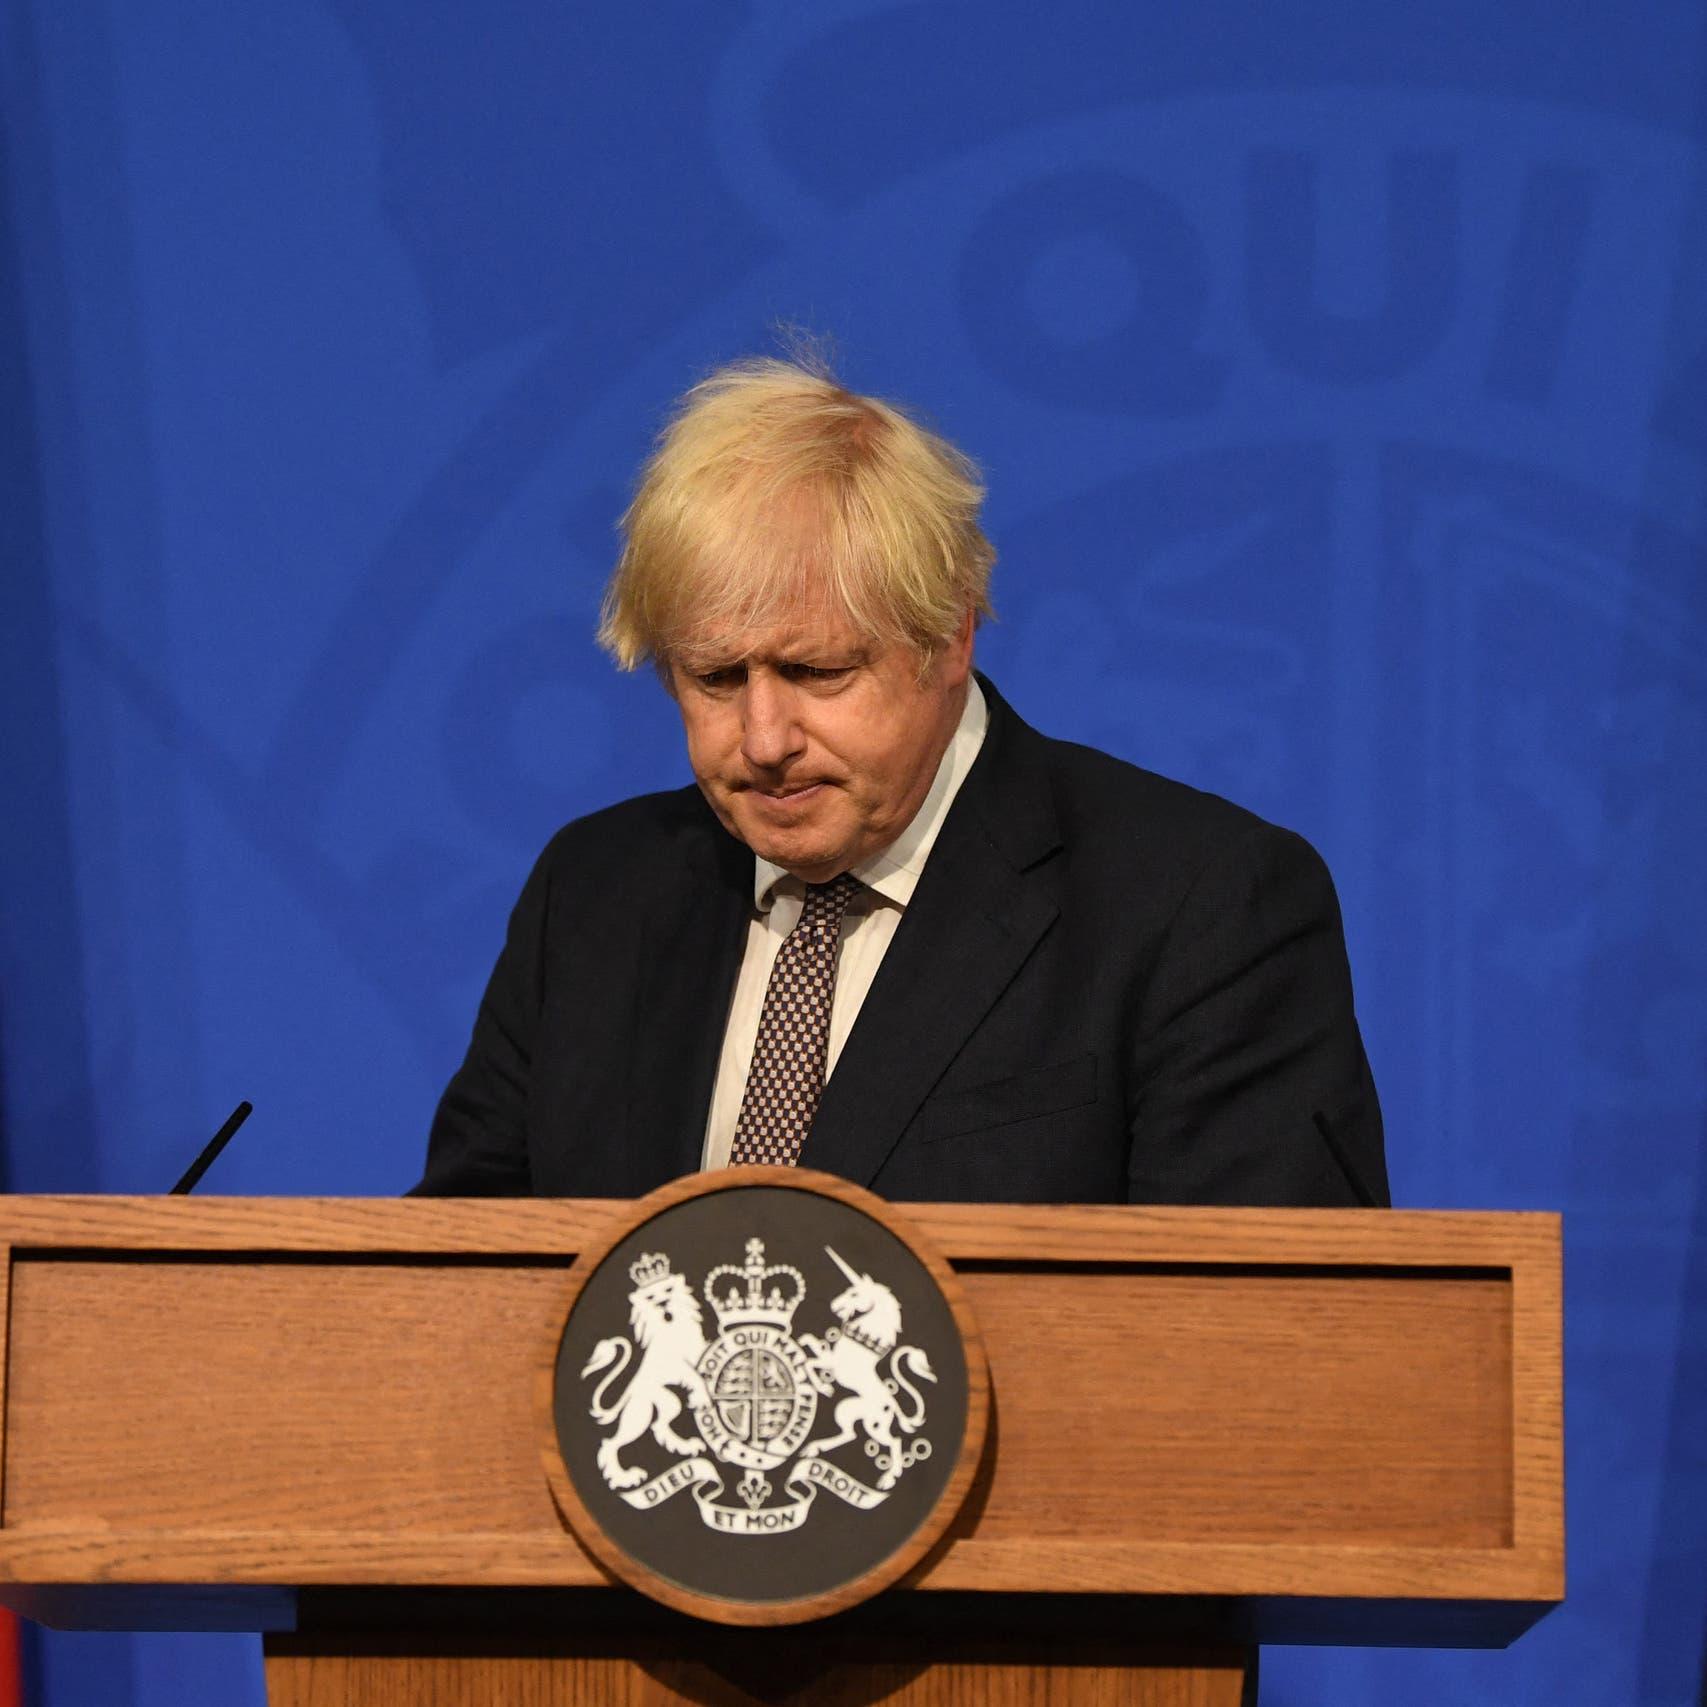 جونسون يطالب دول العالم بعدم الاعتراف بطالبان أحادياً